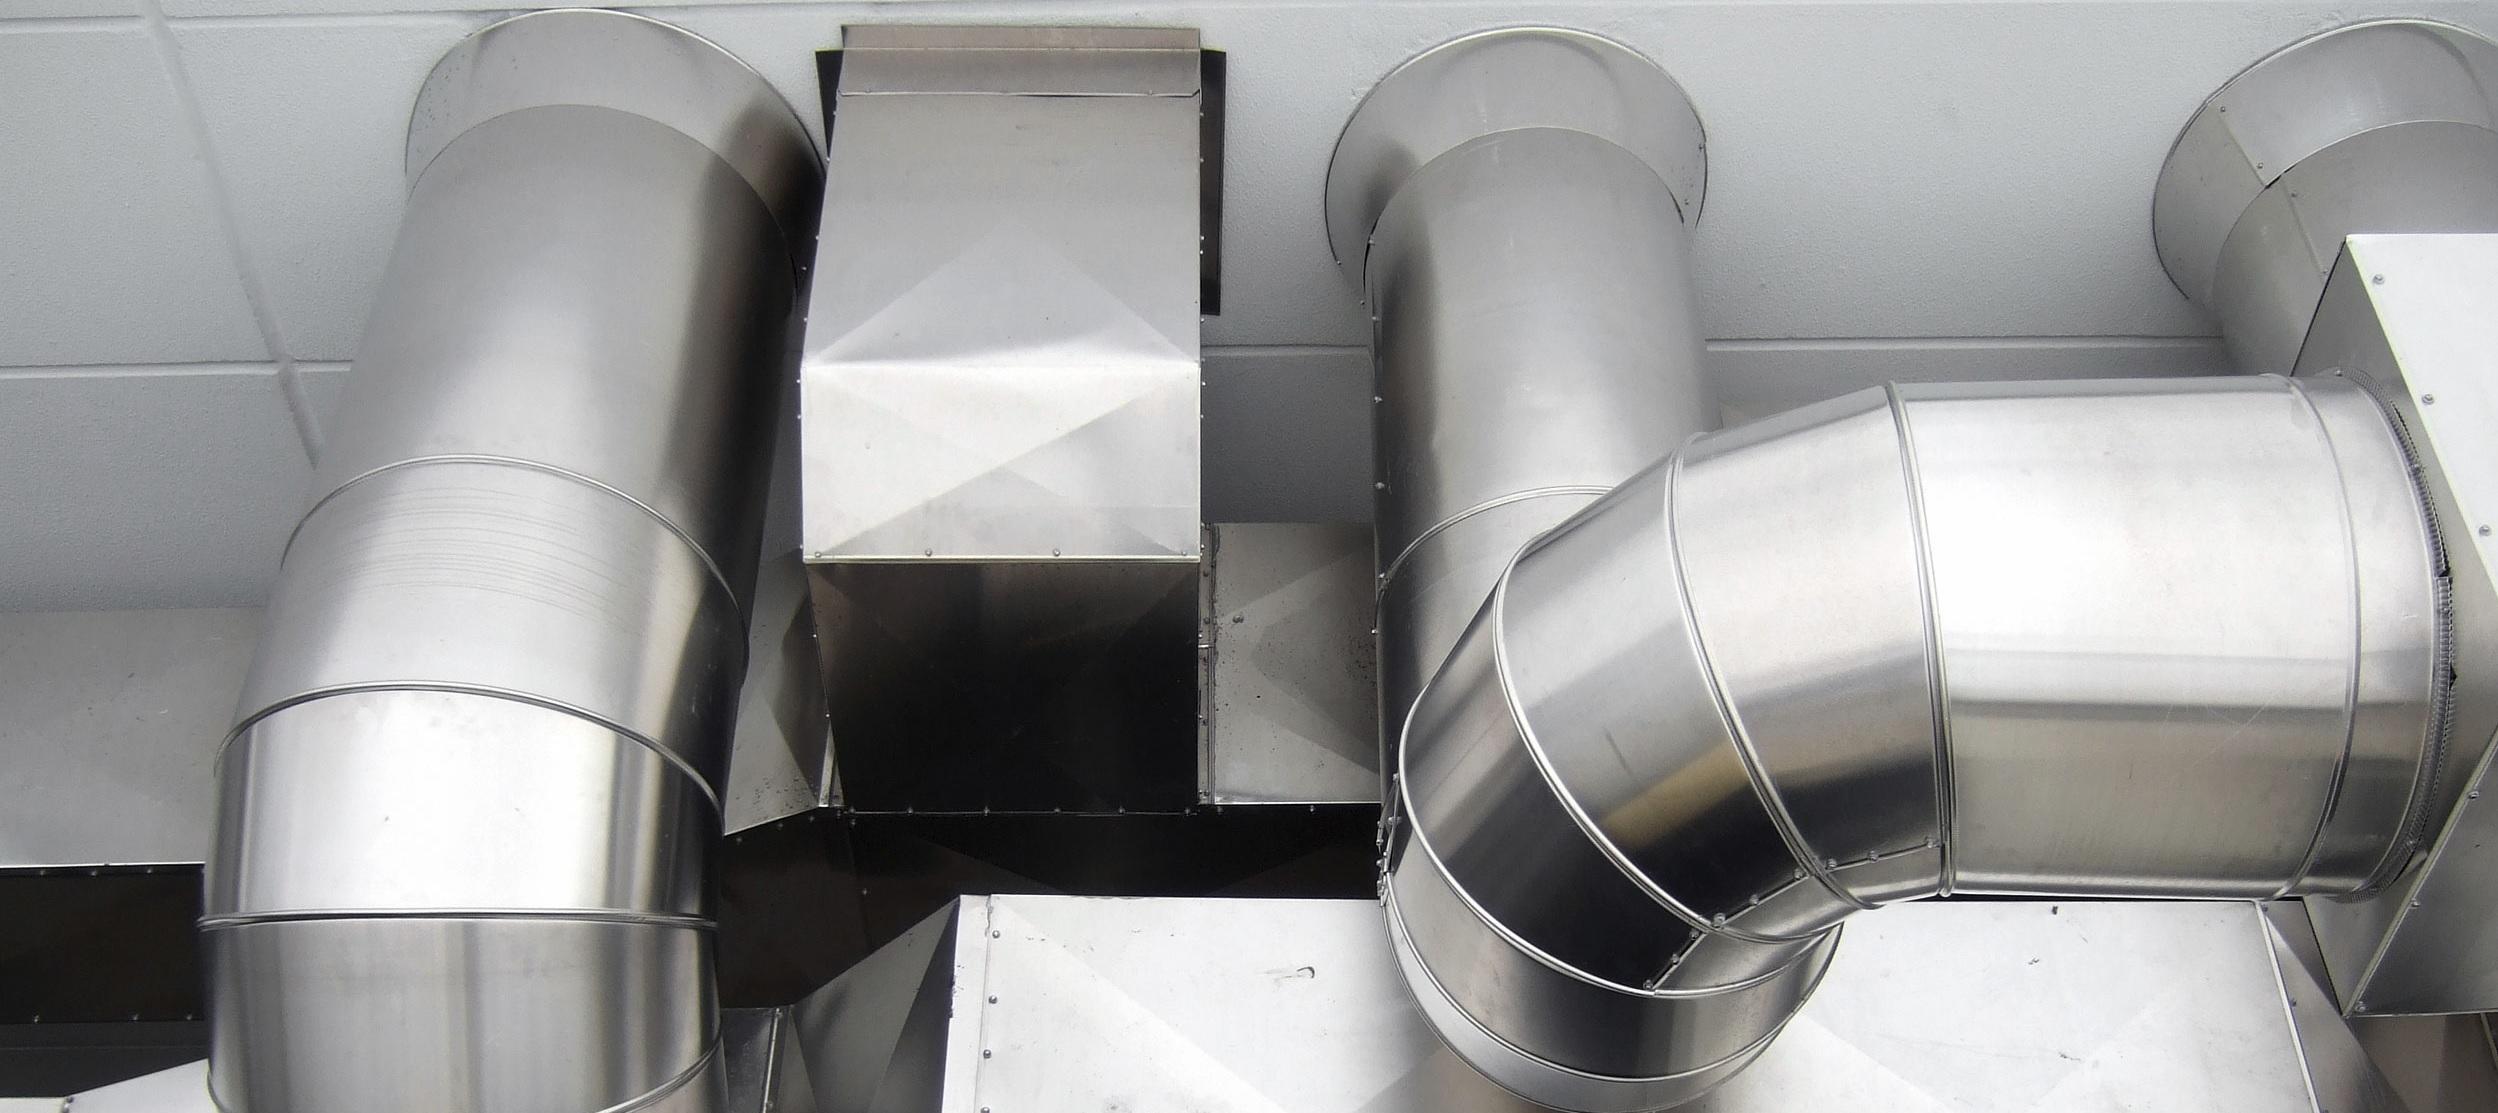 Воздуховоды для вентиляционной системы: виды и модели изделий, преимущества и недостатки